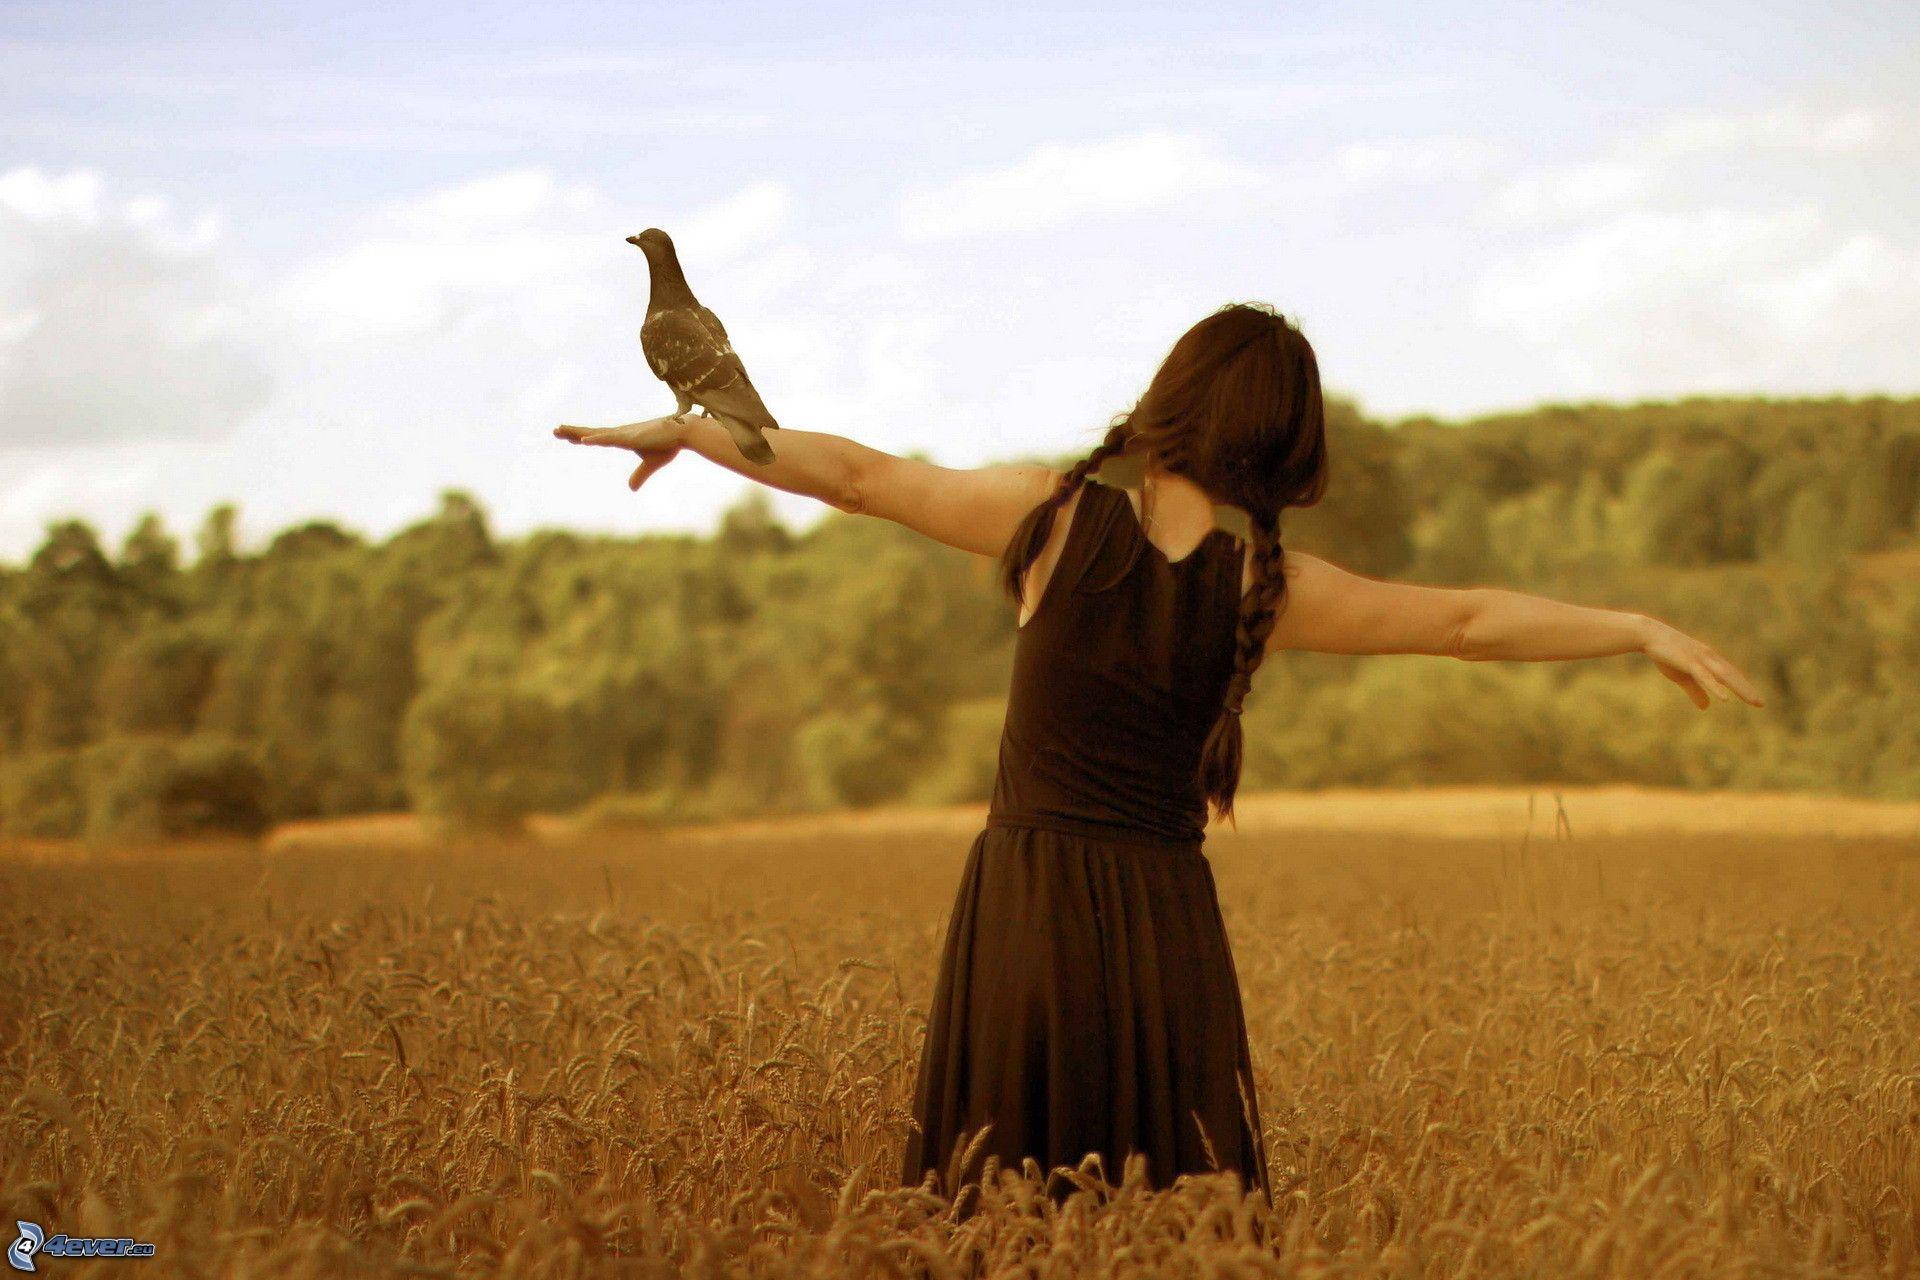 Chica de pie en el campo